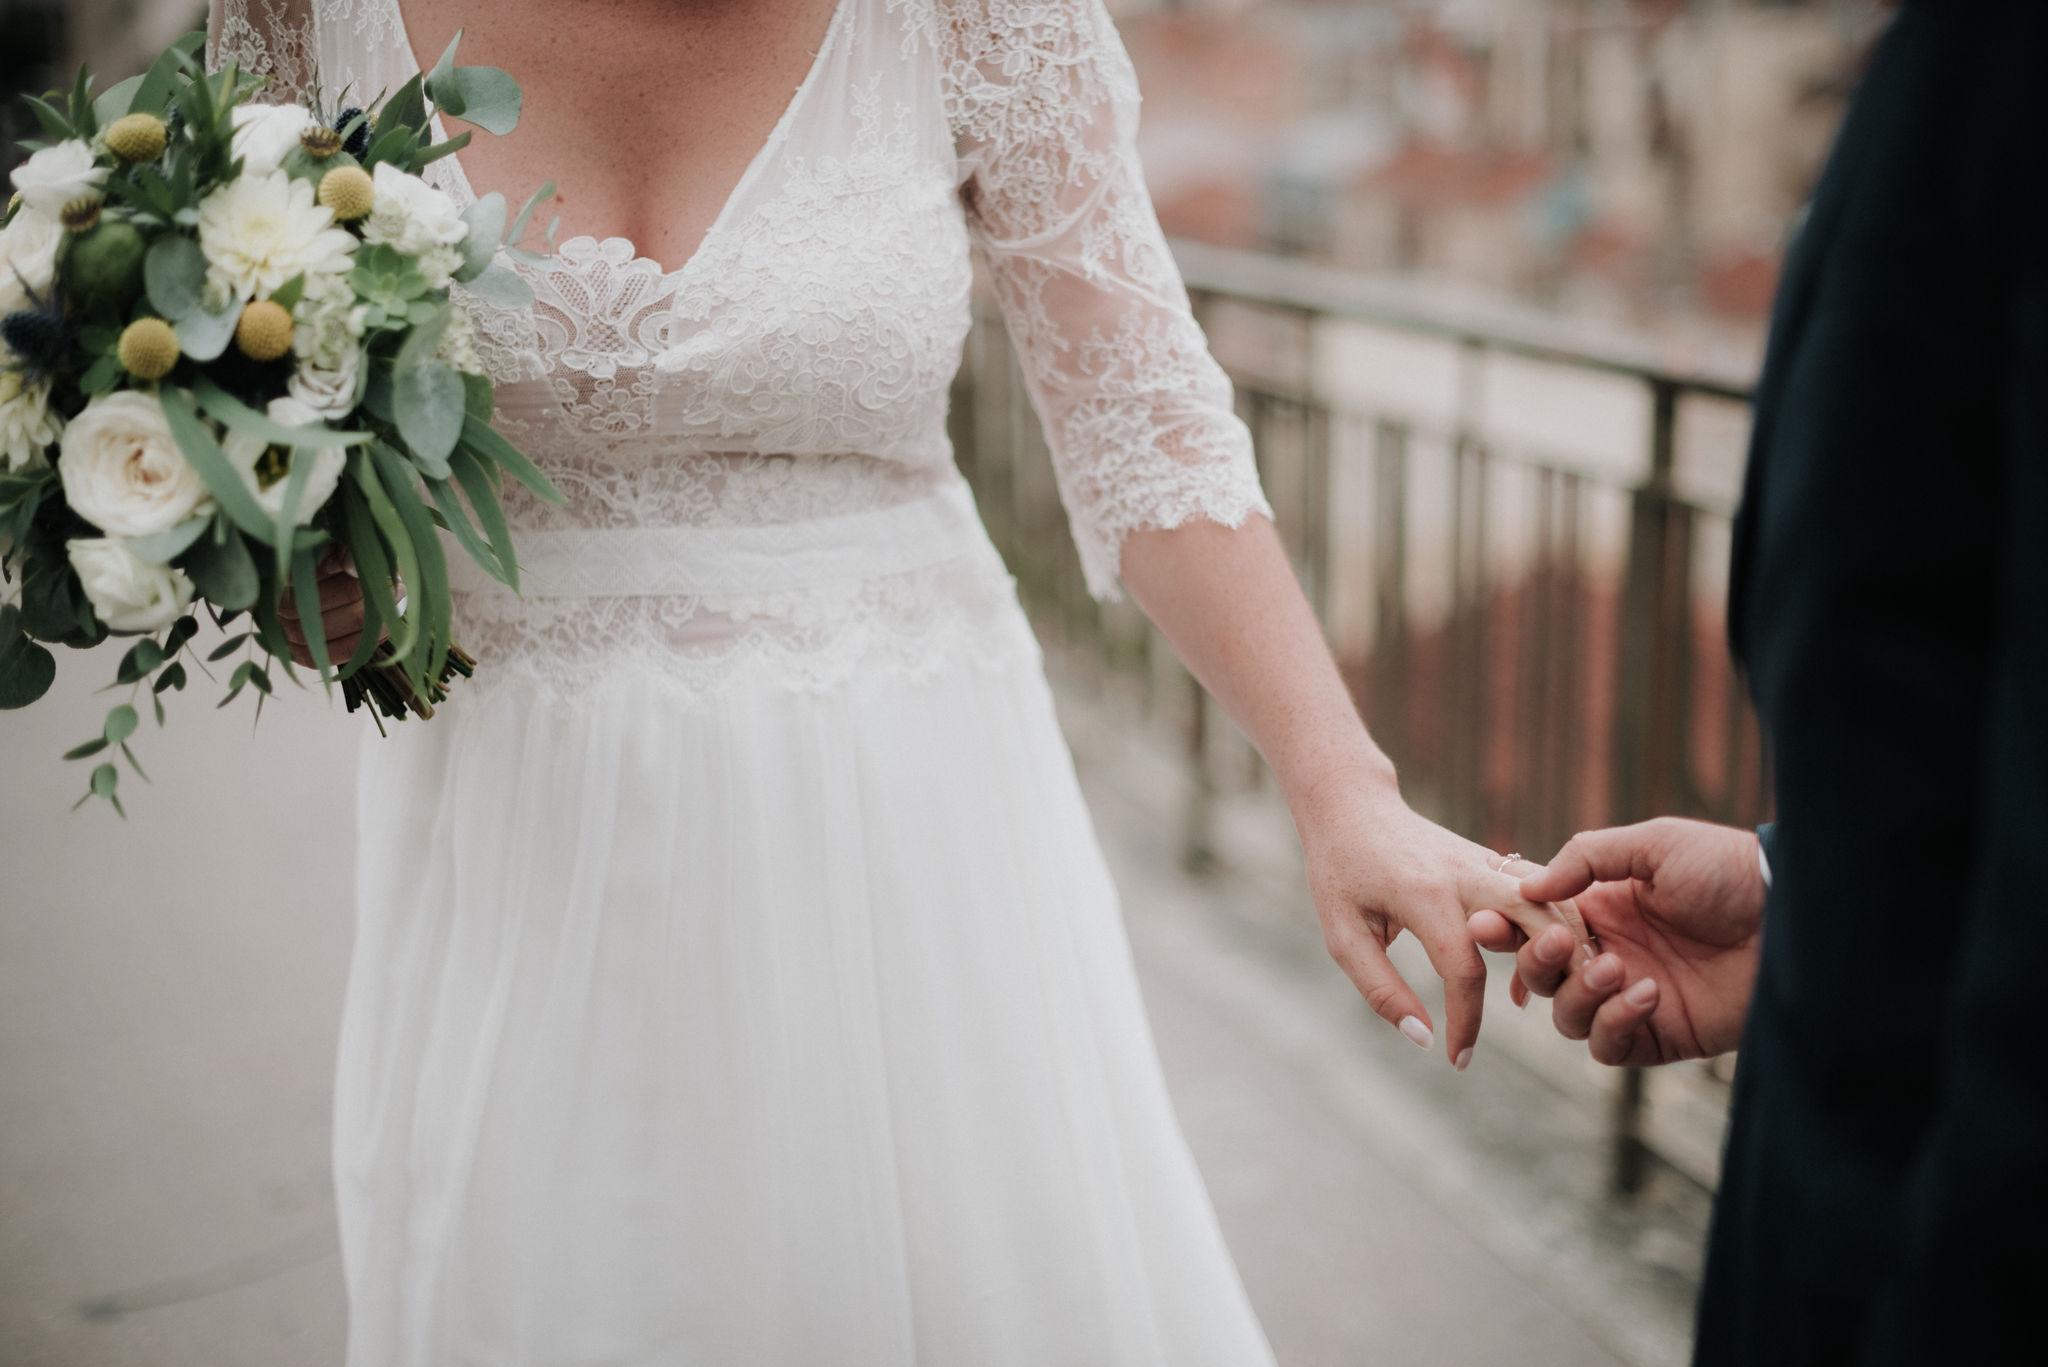 Léa-Fery-photographe-professionnel-lyon-rhone-alpes-portrait-creation-mariage-evenement-evenementiel-famille-6160.jpg